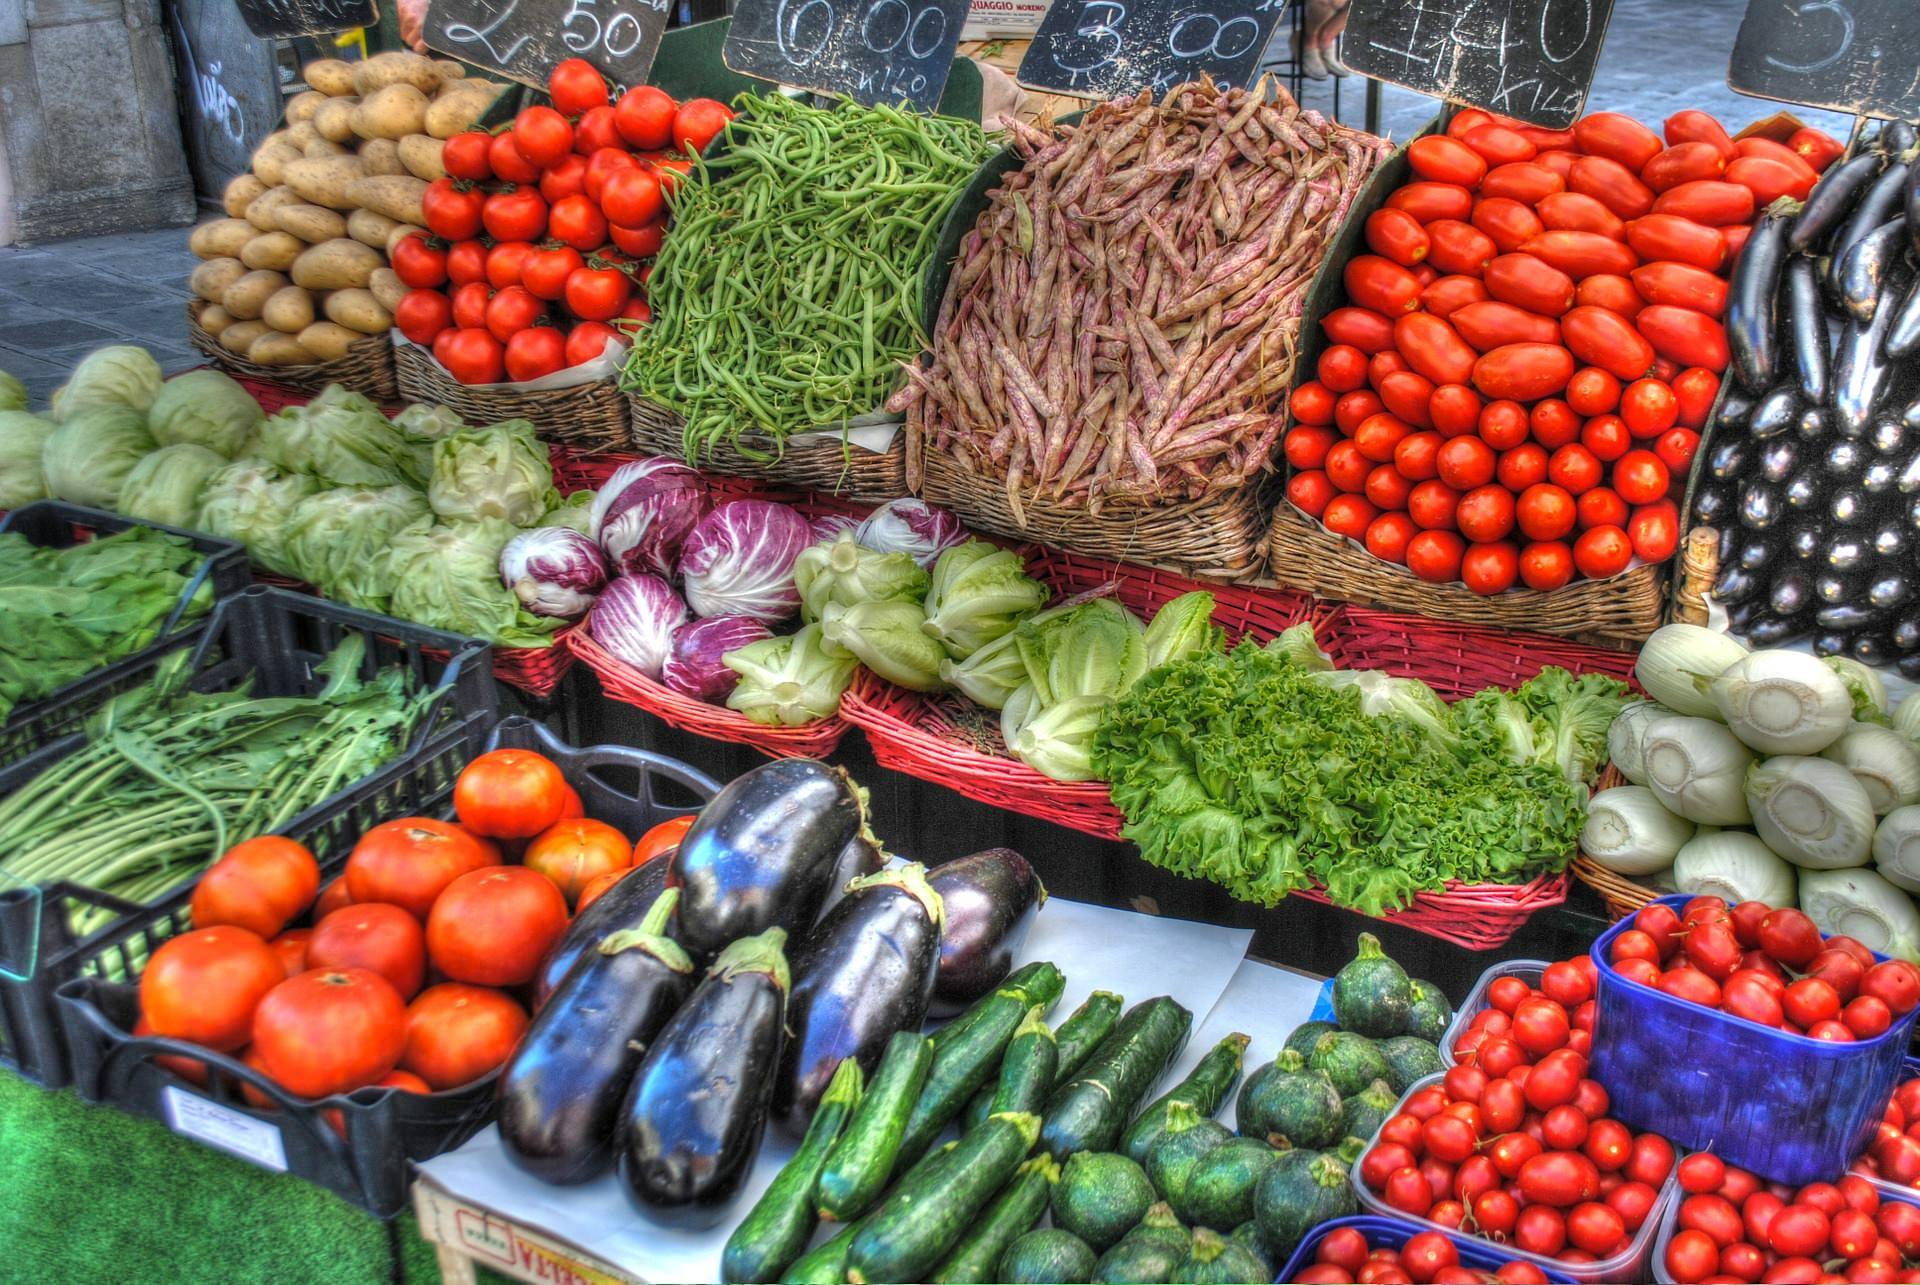 「這 15 種蔬菜可以存放多久?」 80% 的人不知道保存方式,一定要收藏起來